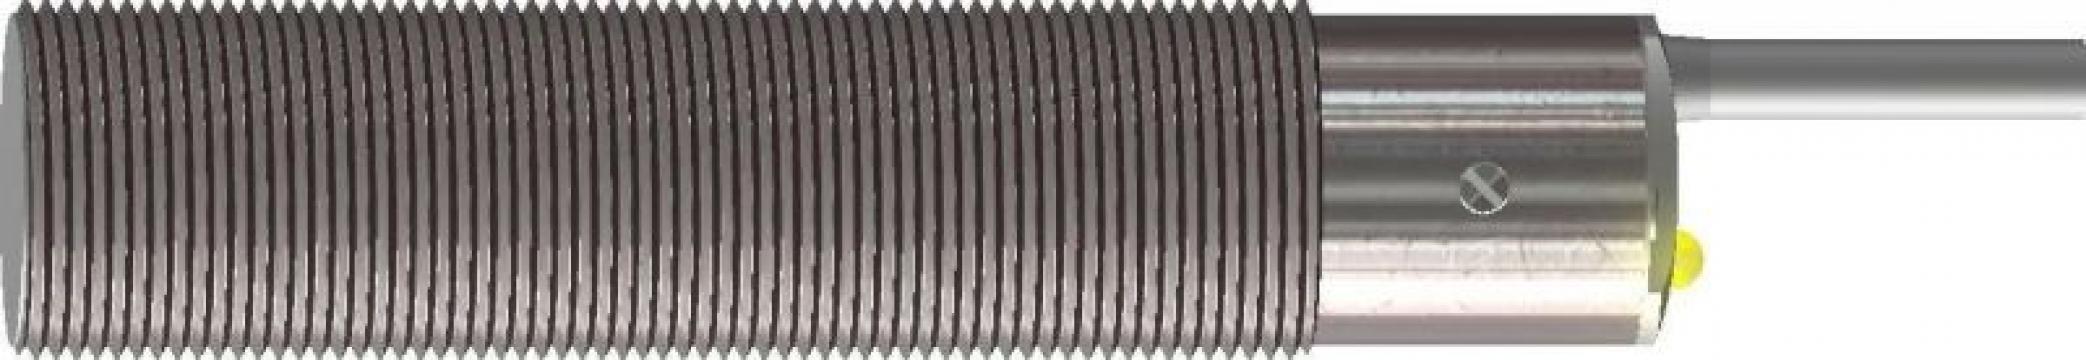 Senzor de proximitate CS18-S8PO80/A2P de la Lax Tek